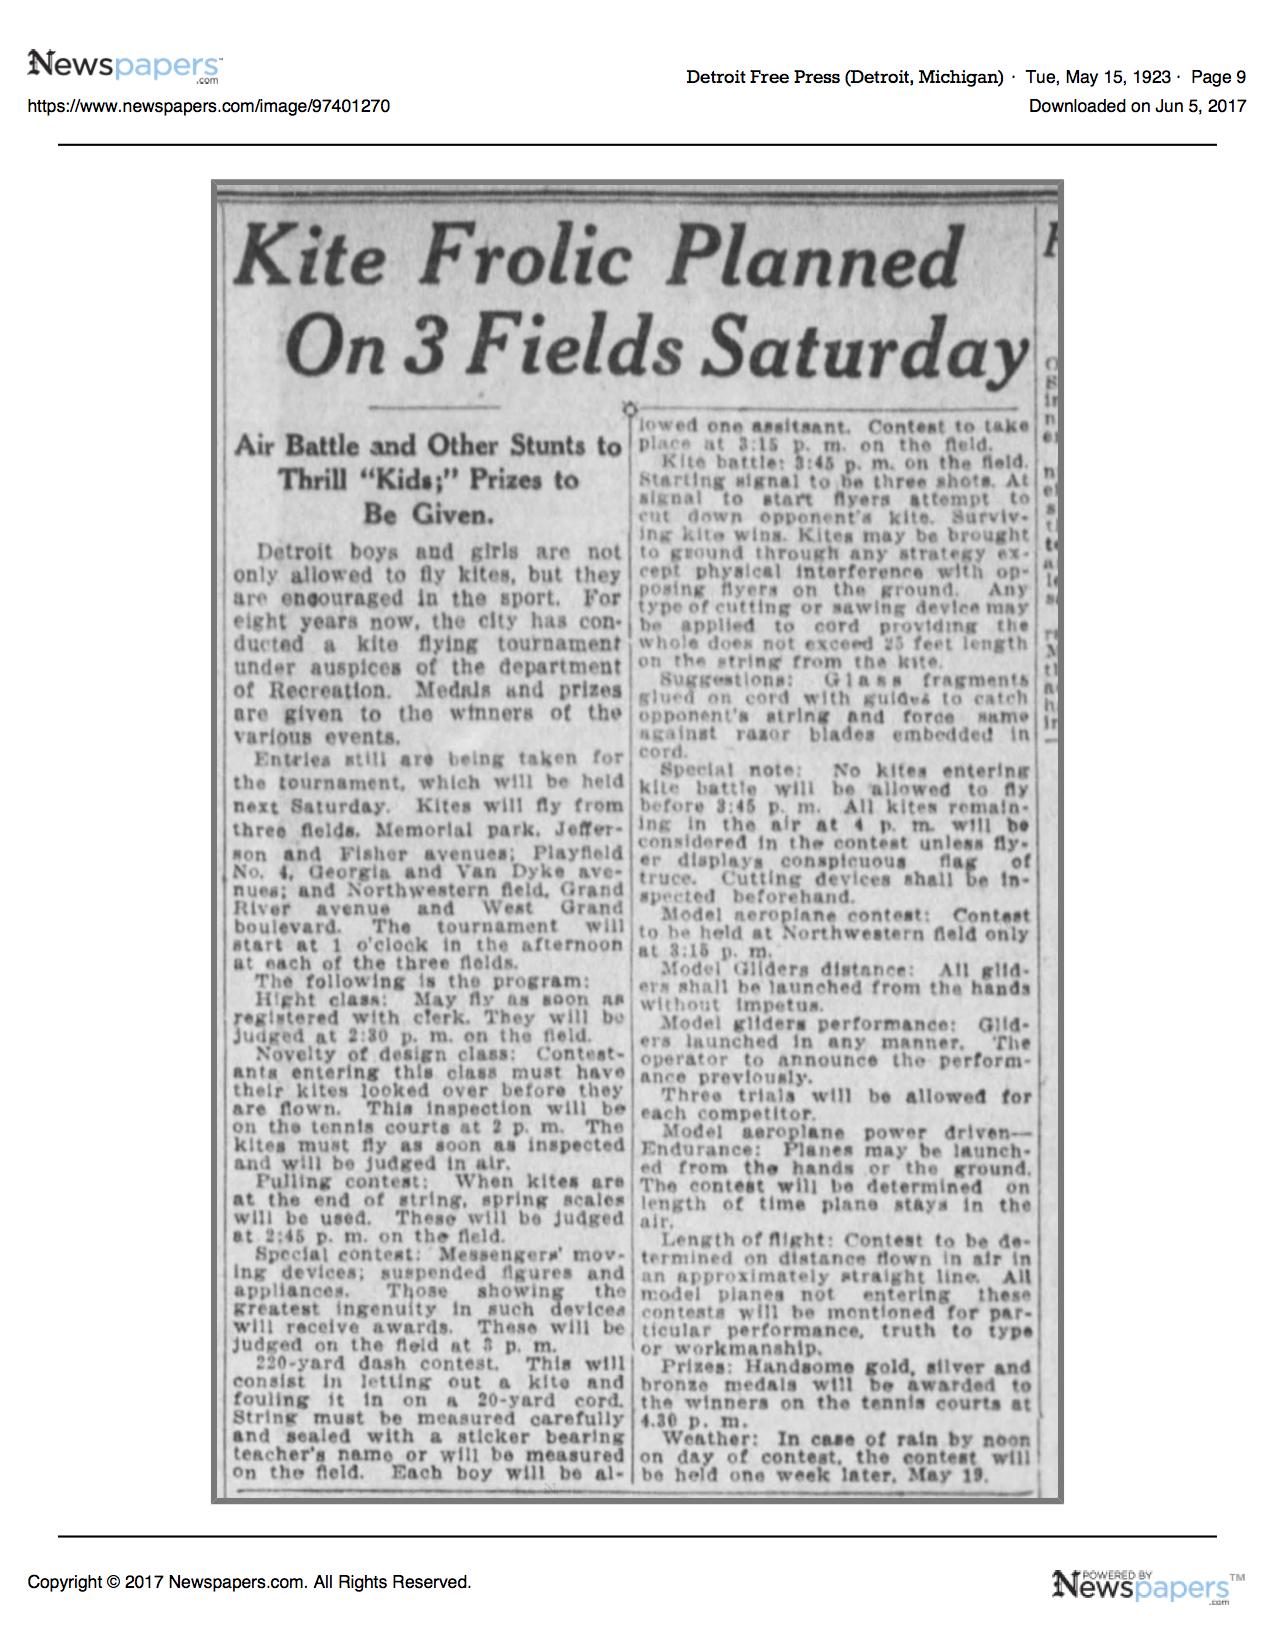 Detroit_Free_Press_Tue__May_15__1923_.jpg